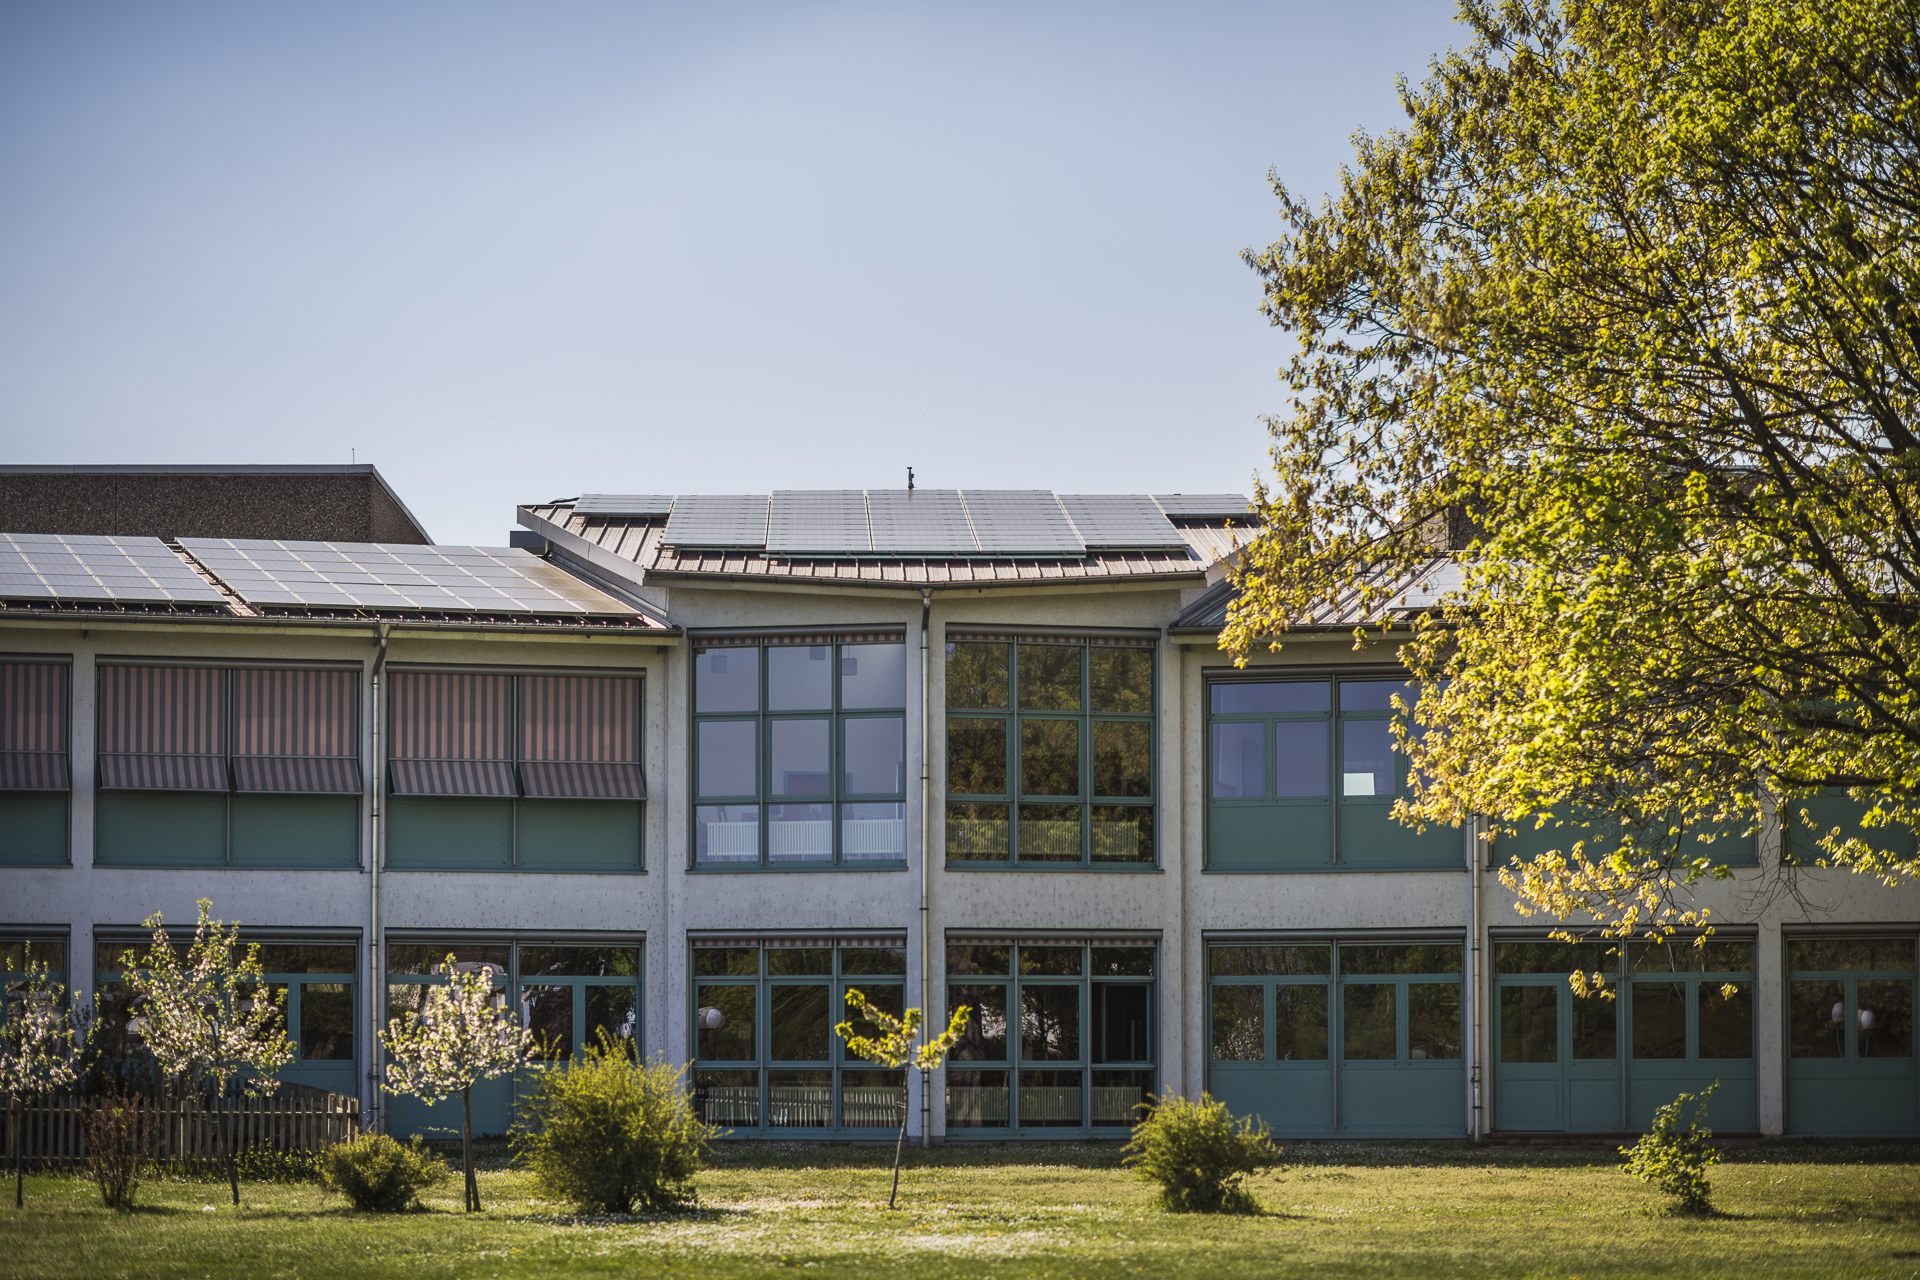 SoLe_TR12963_1920px_LusshardtSchule